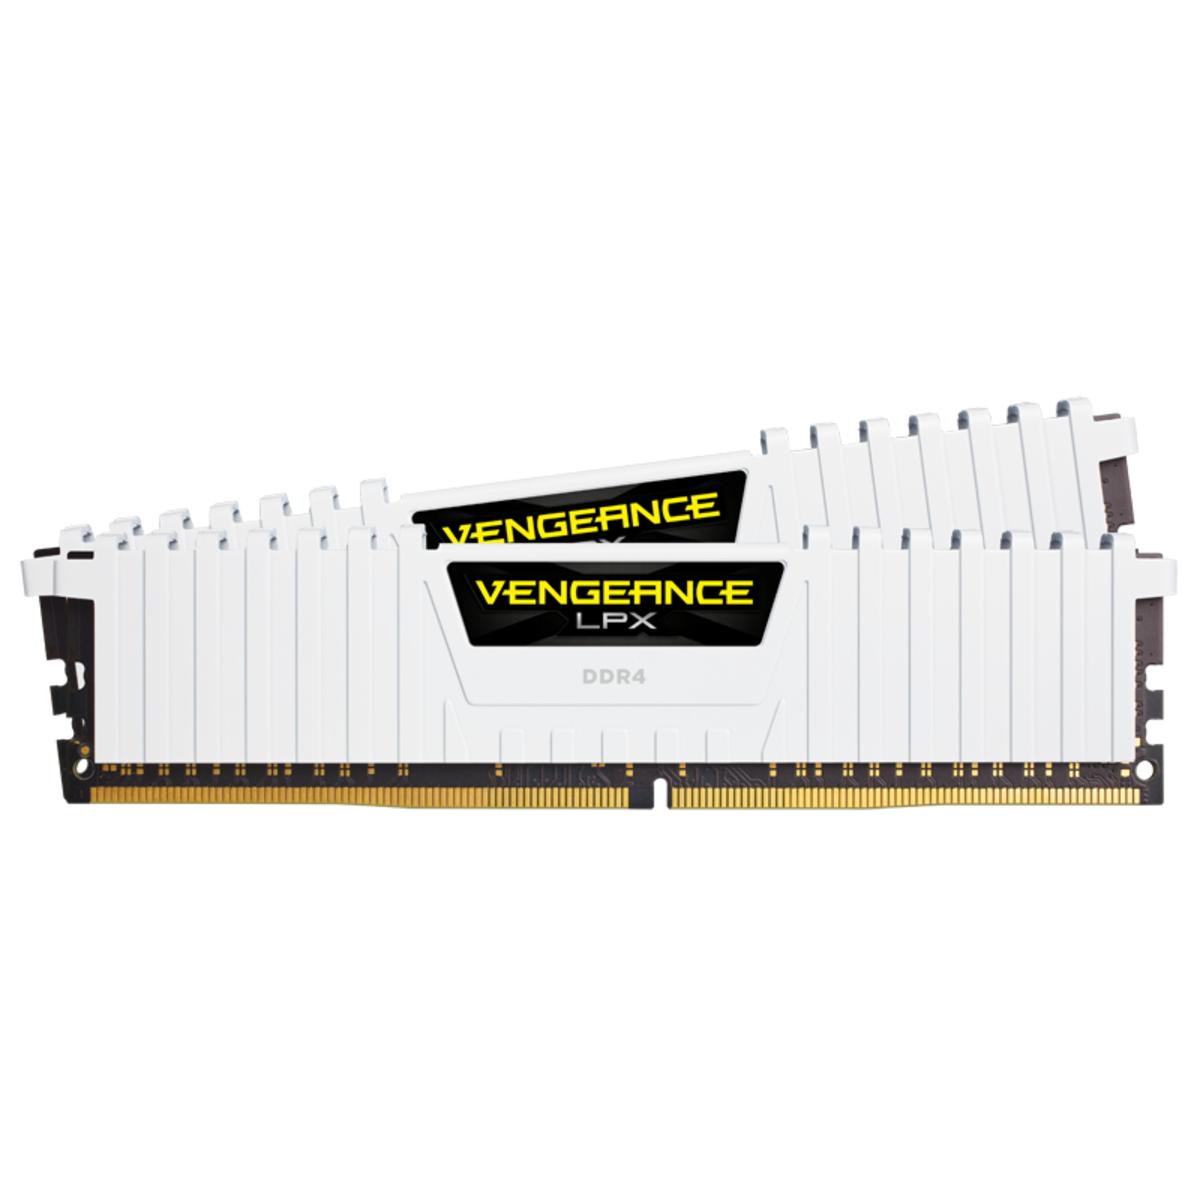 Corsair Vengeance LPX 16GB DDR4 3000MHz memory module